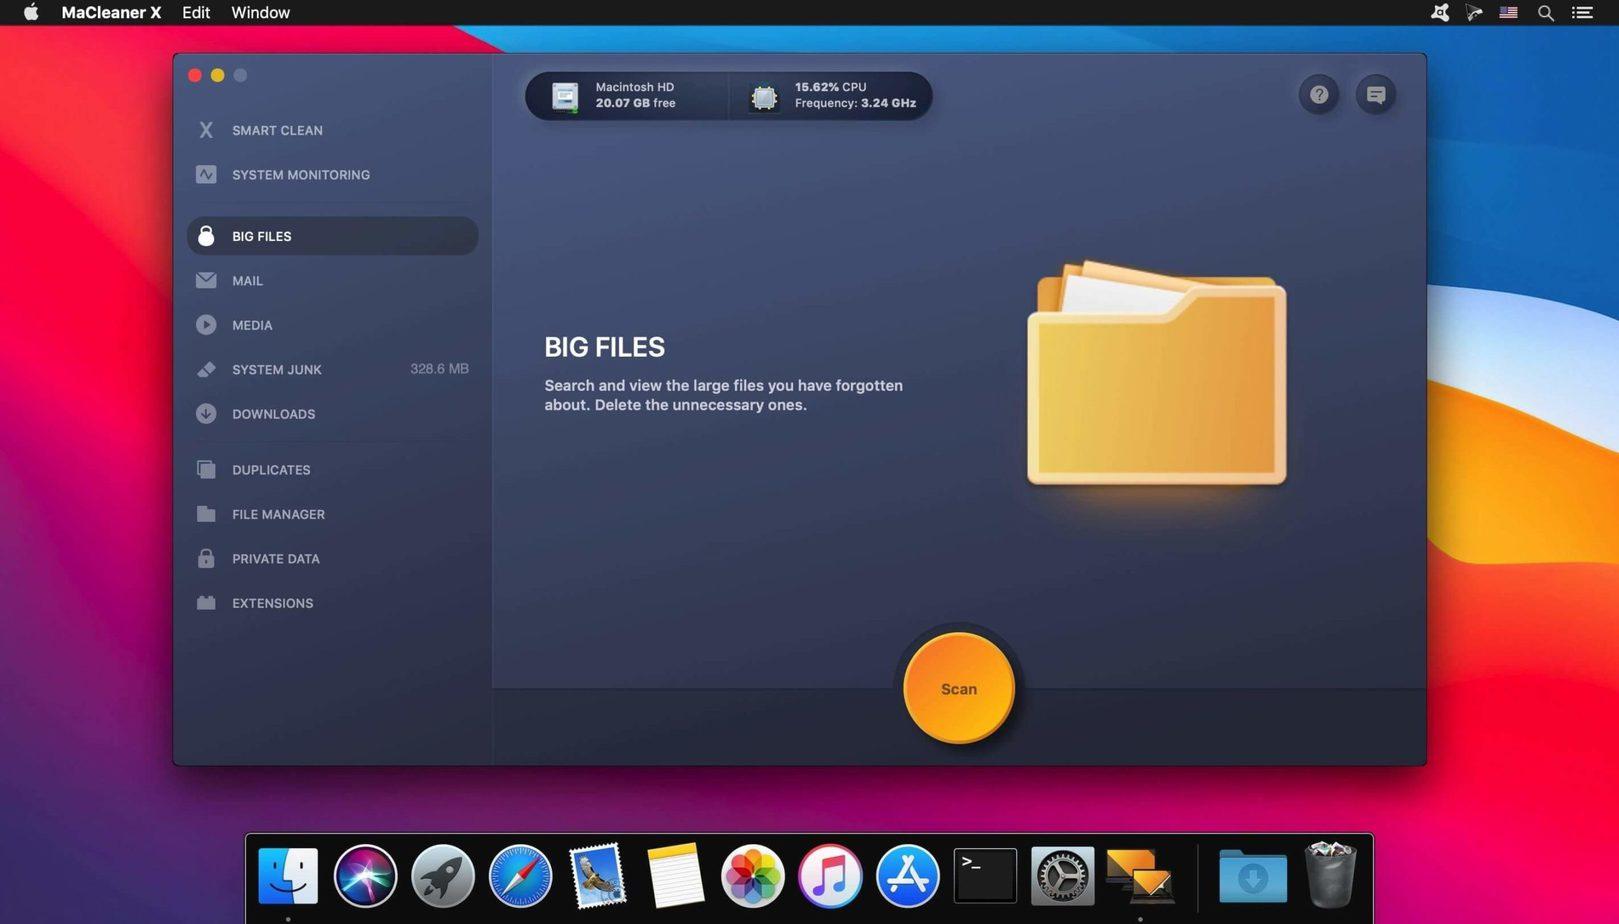 MaCleaner Xfor macOS